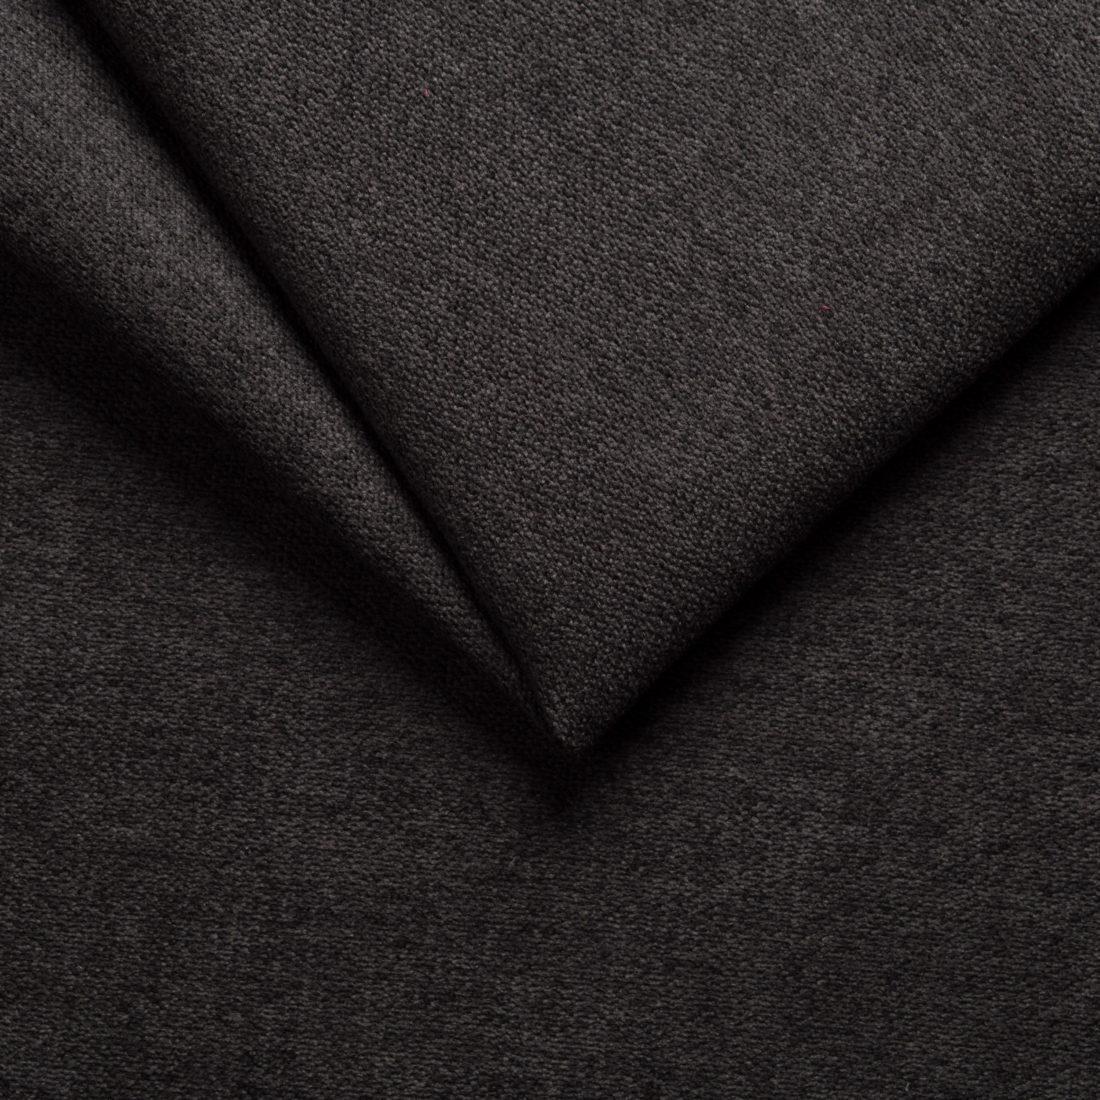 Мебельная ткань Enjoy 6 Espresso, микрофибра